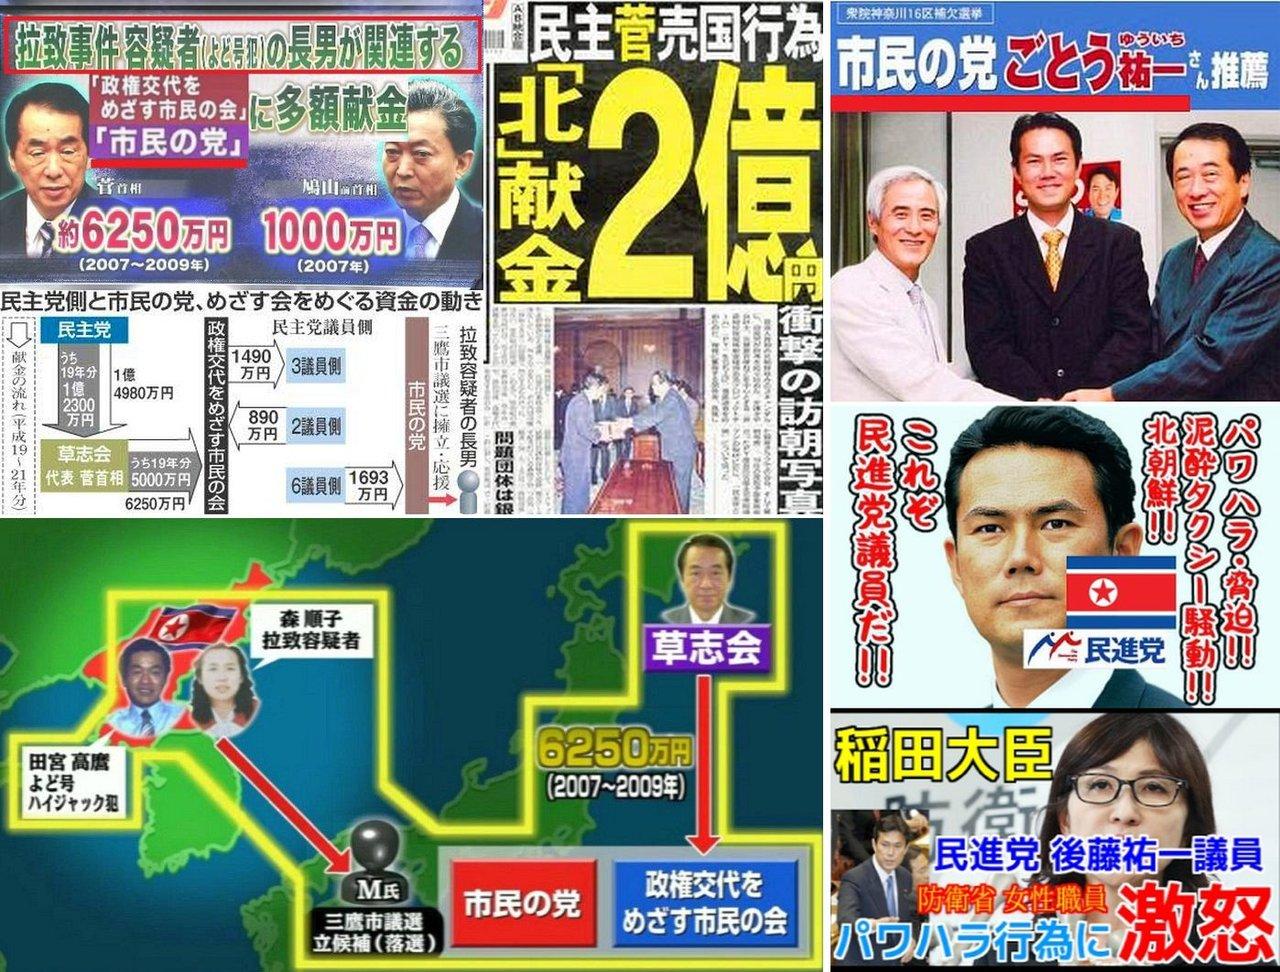 【話題】北朝鮮GDP、鳥取並み 米朝関係は日本の地方自治体が世界一の大国にケンカの構図★2 YouTube動画>1本 ->画像>24枚